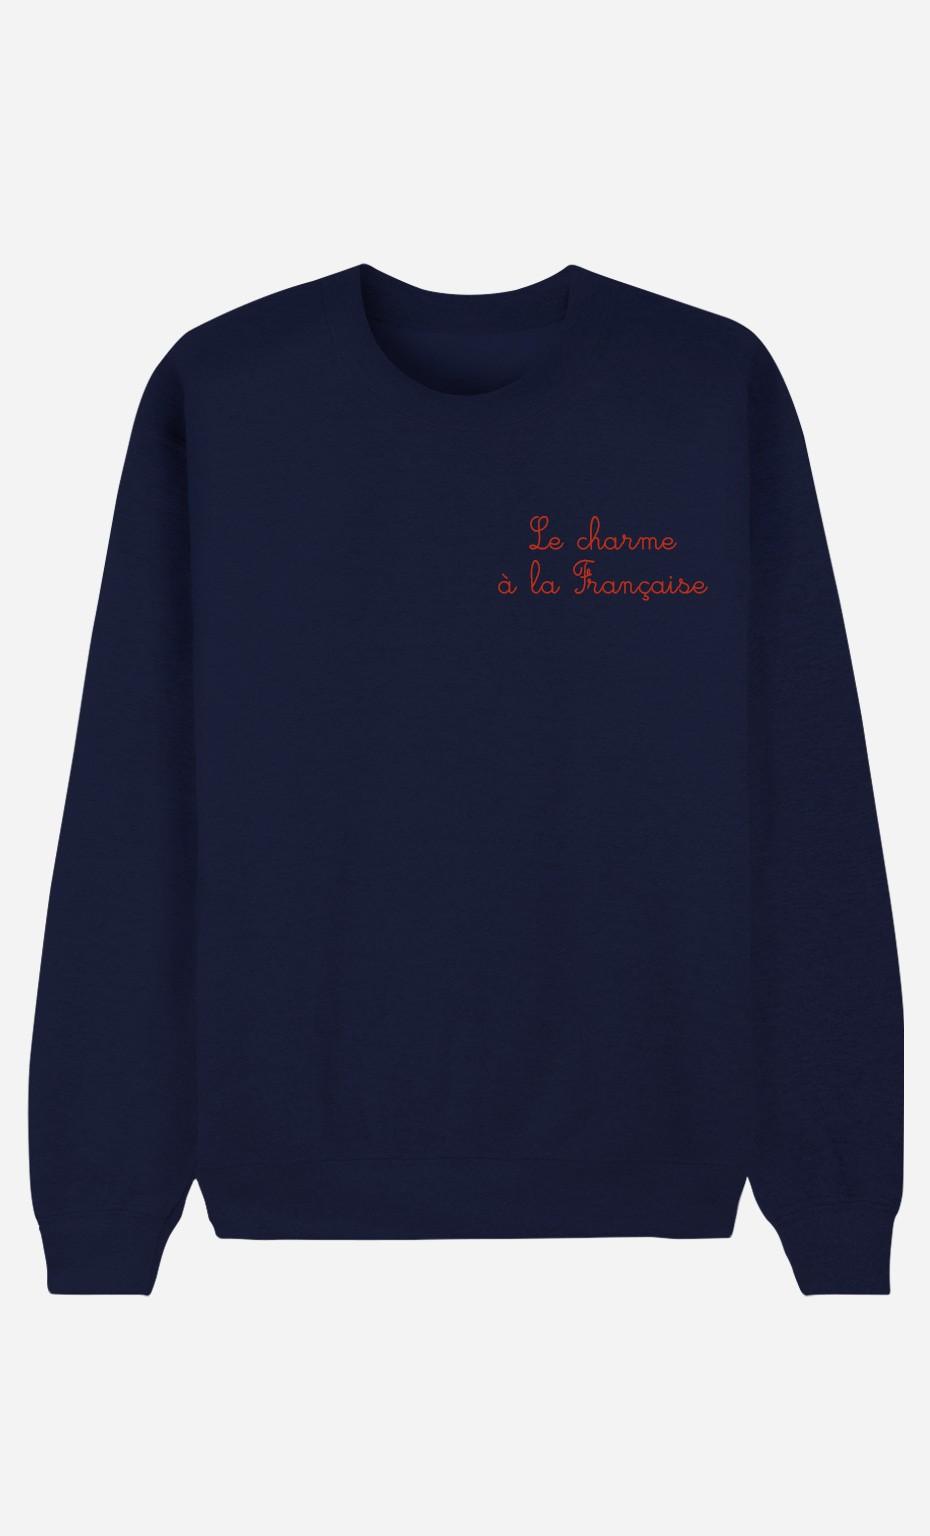 Blaue Sweatshirt Le Charme A La Française - bestickt